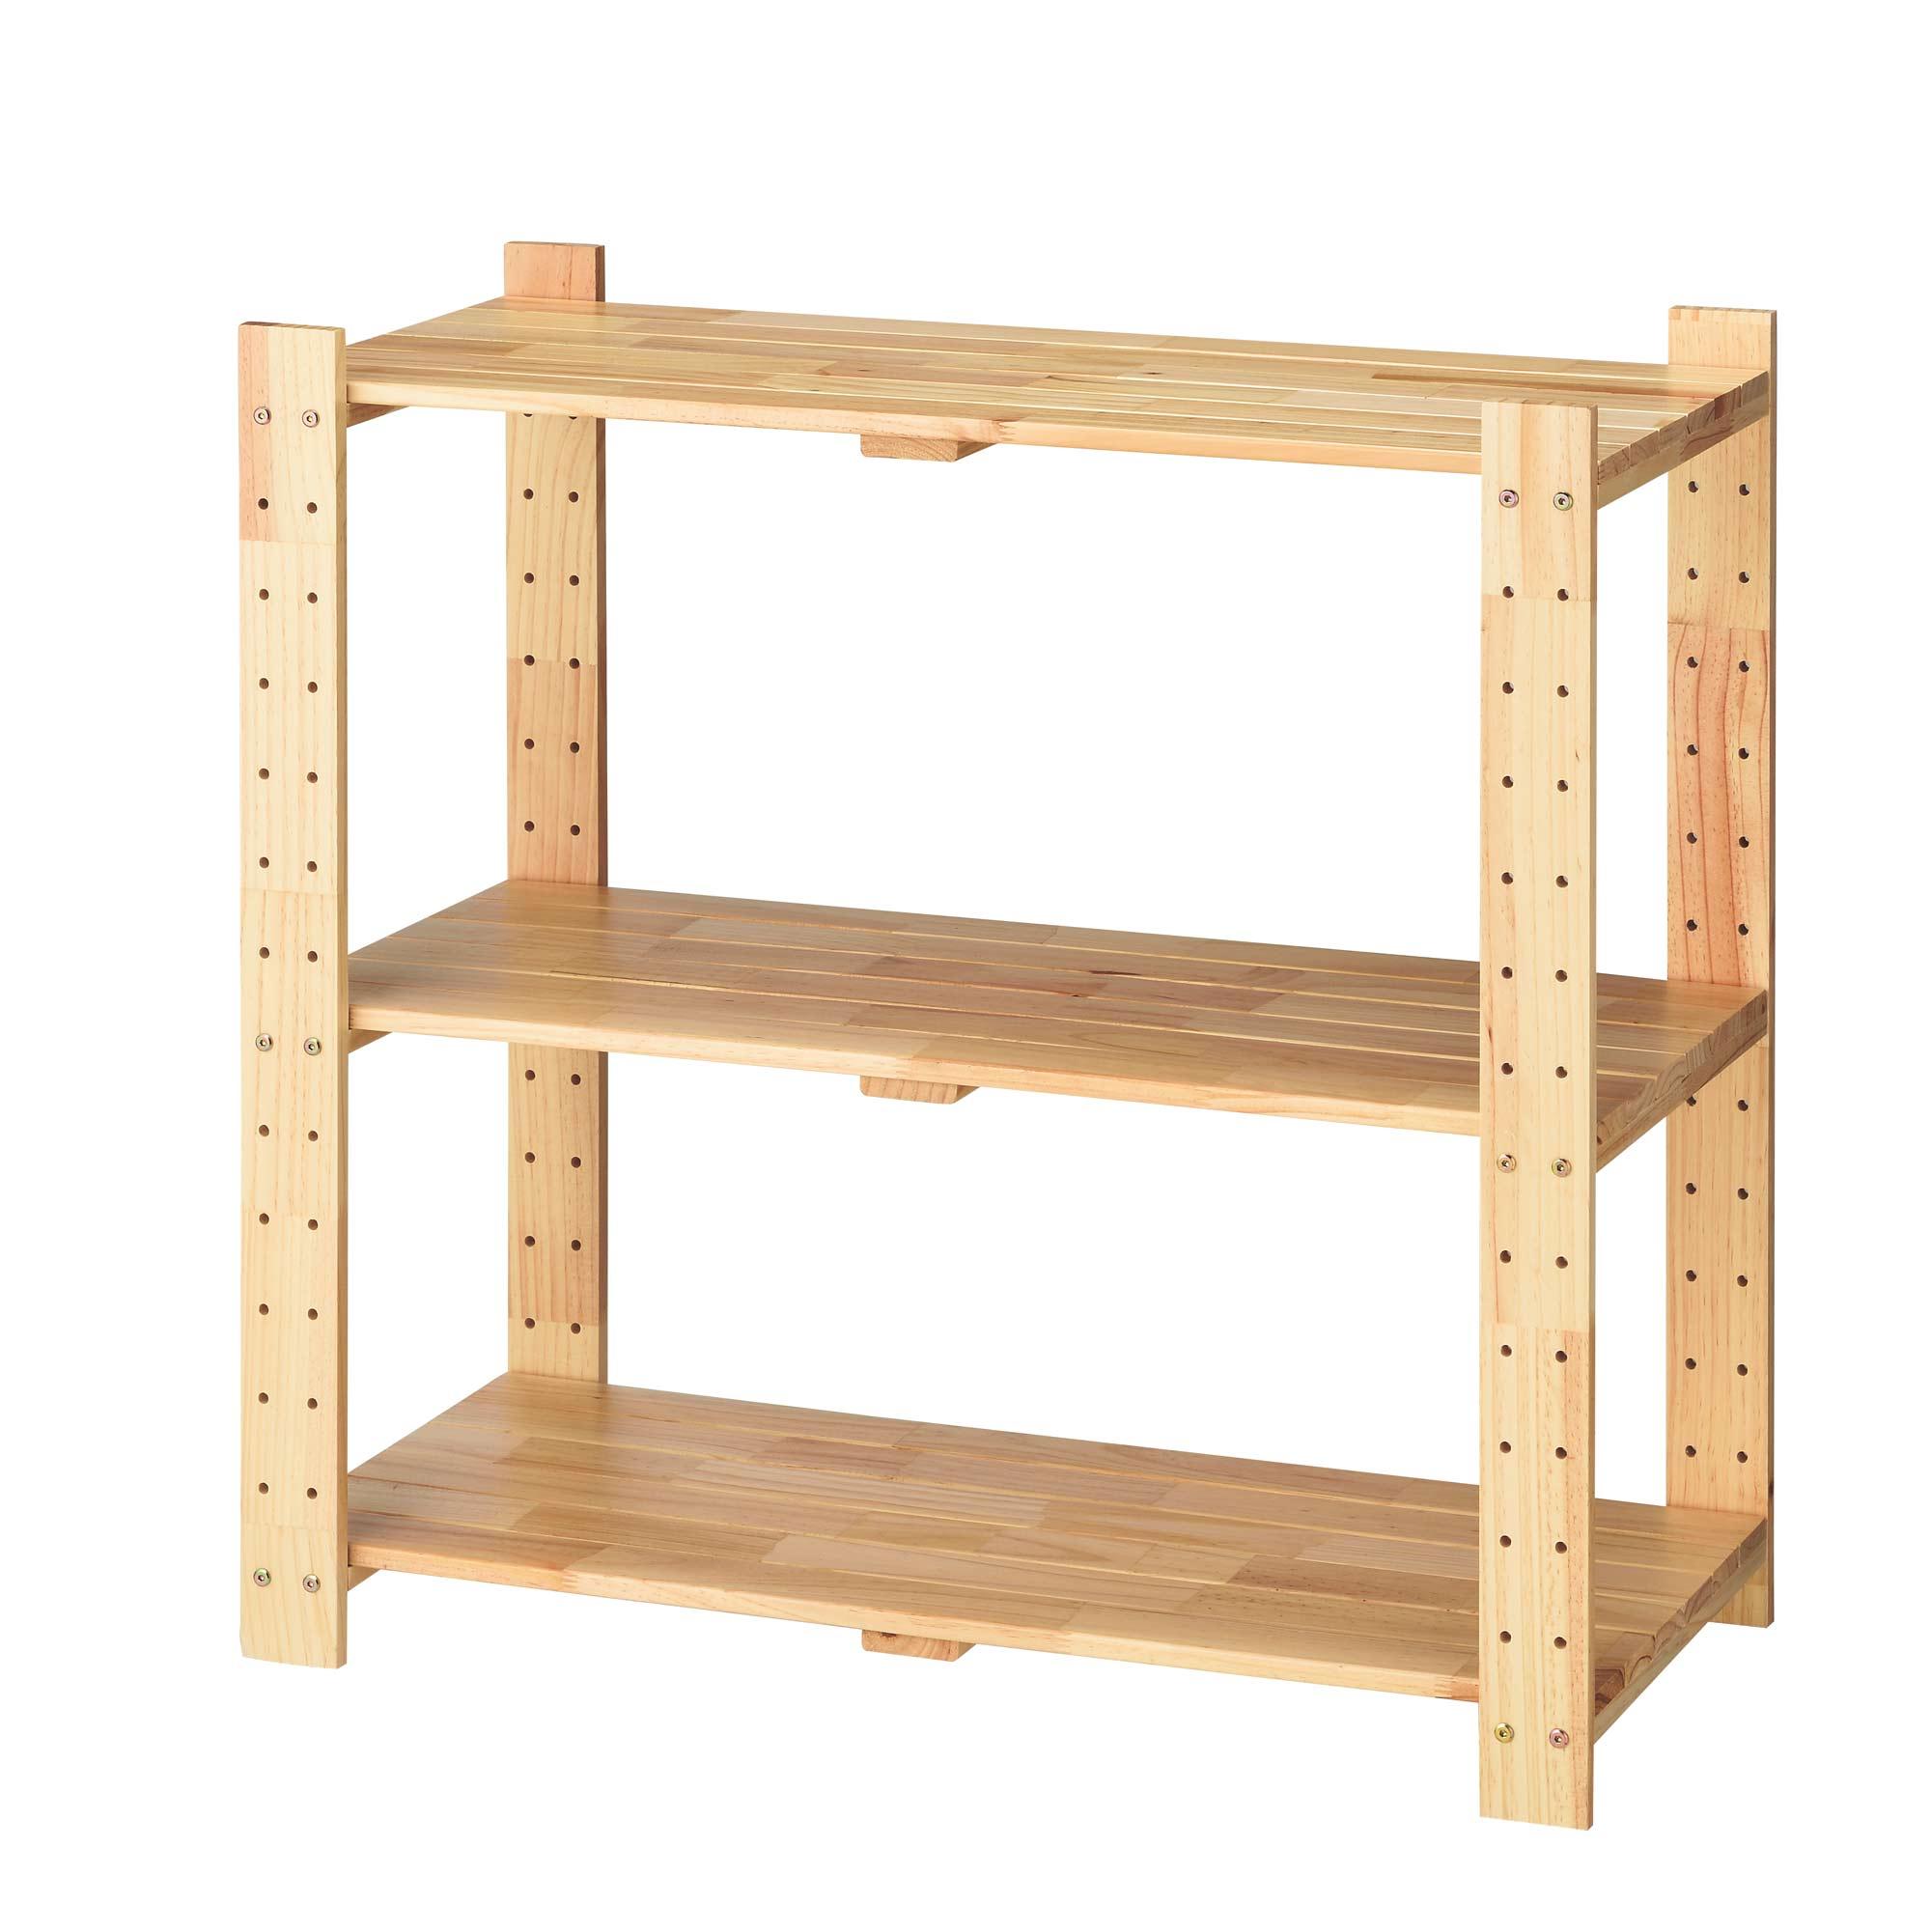 Full Size of Kleines Regal Kanban Regale Holz Weiß Modular Aus Kisten Für Kleidung Landhausstil Kiefer Dachschräge Regal Kleines Regal